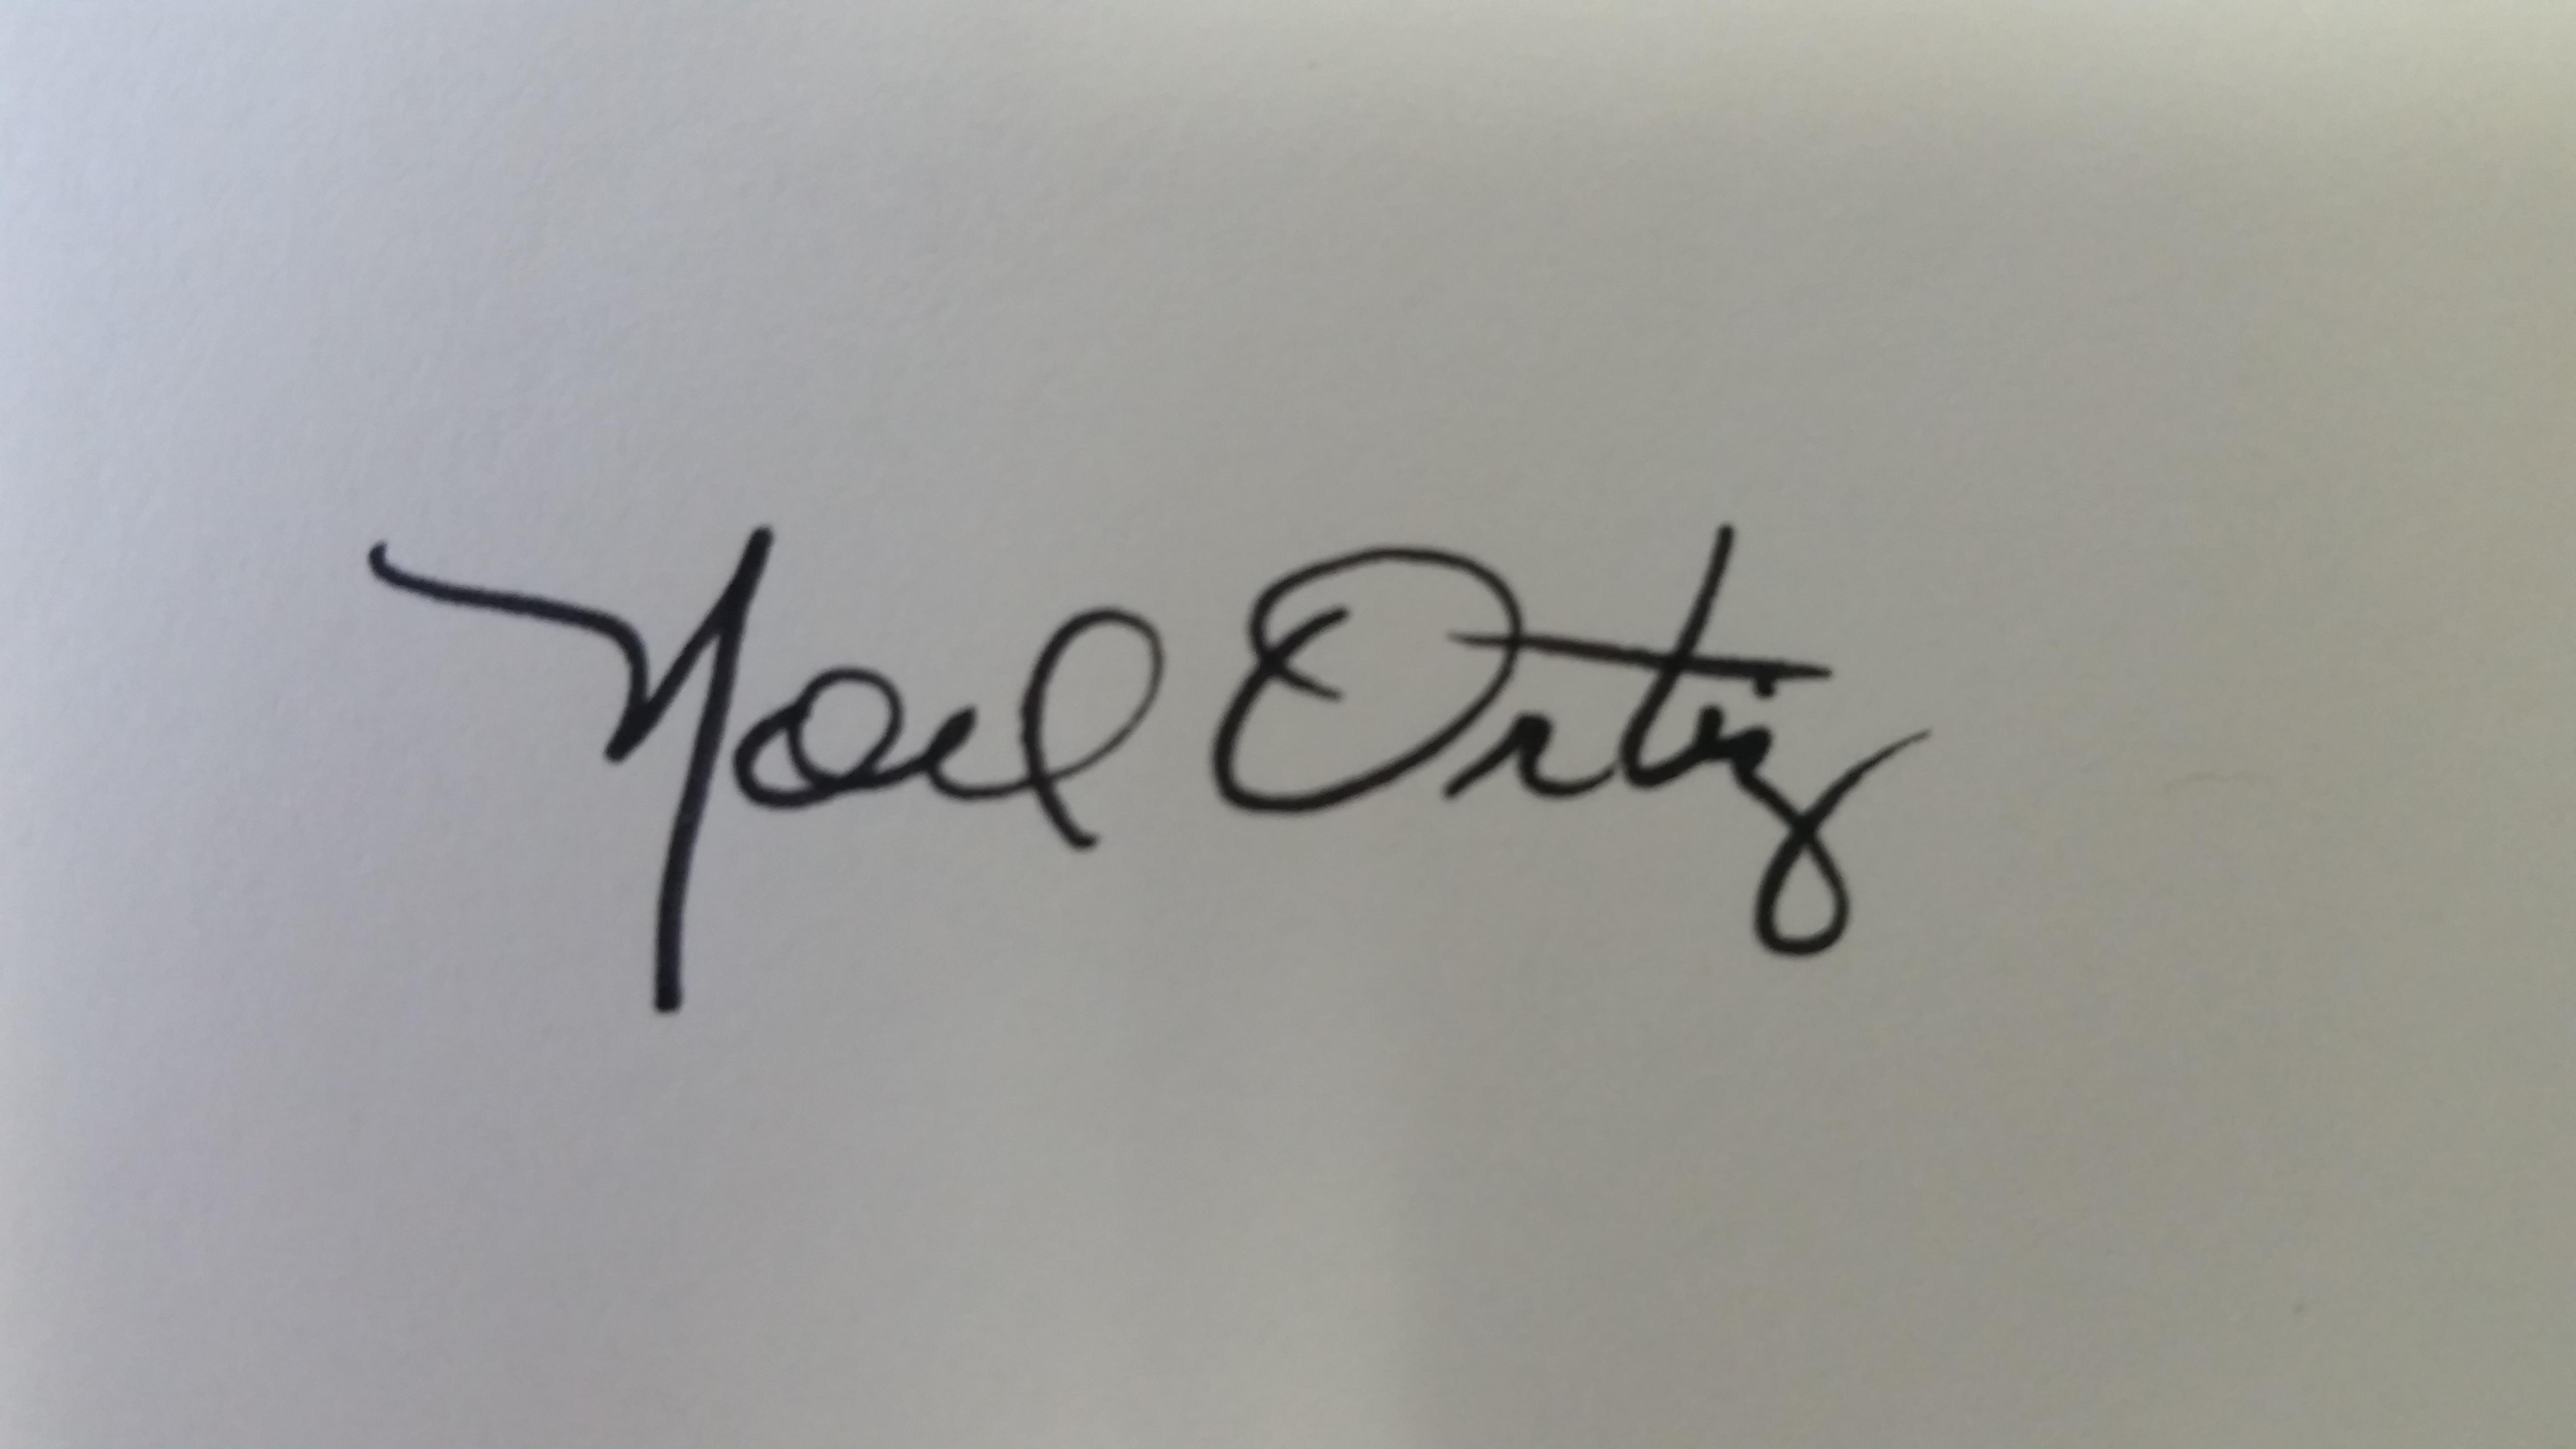 Noel Ortiz Signature